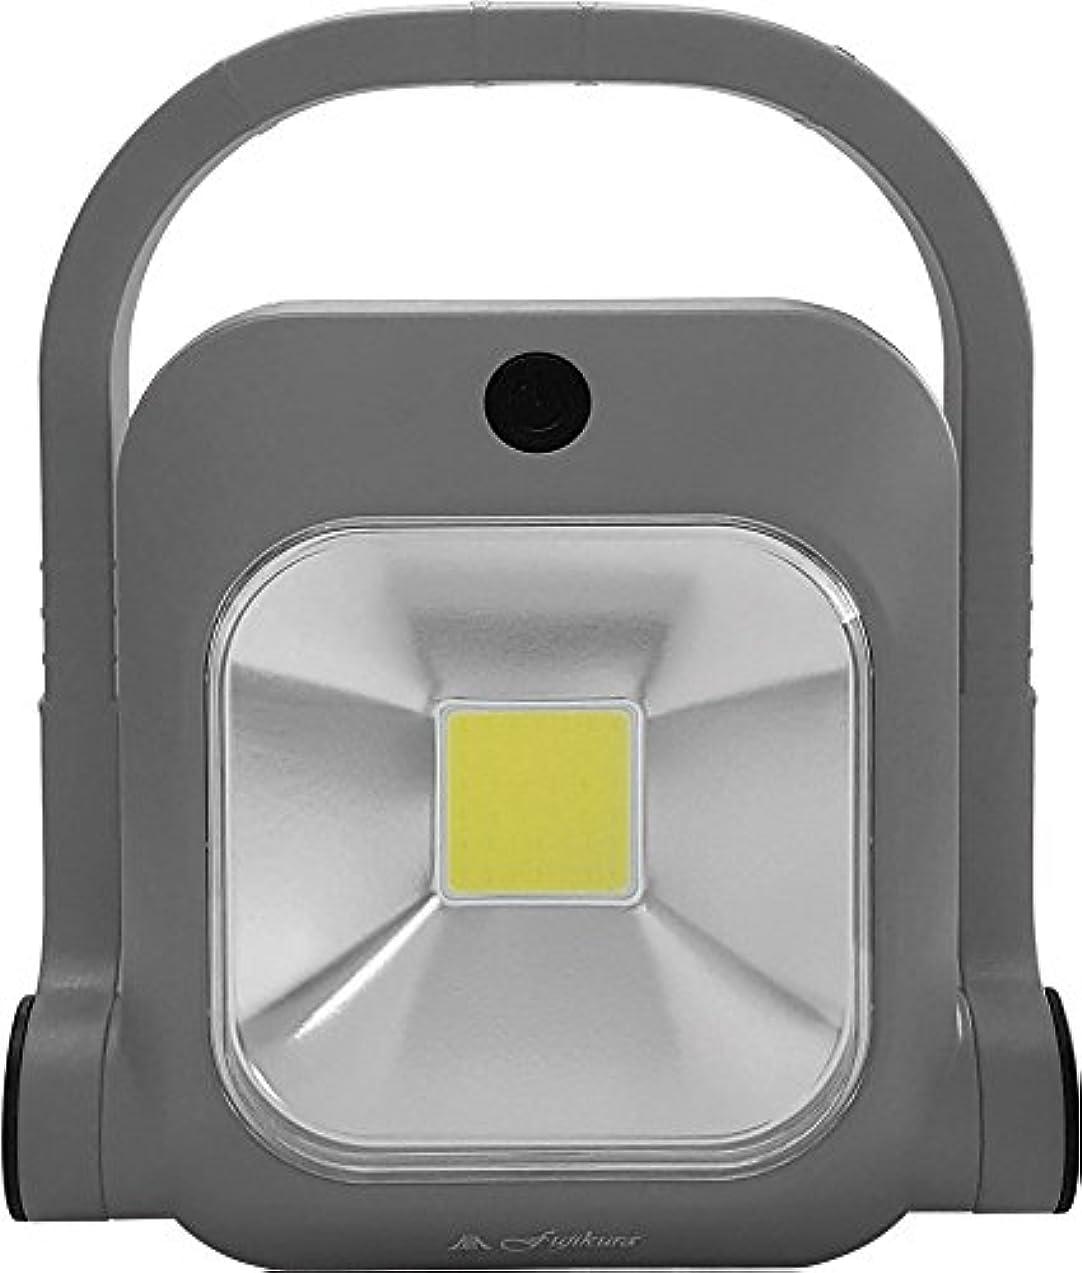 異常な一定活気づく富士倉(Fujikura) 20W充電式 LED STYLISH Light YT-002